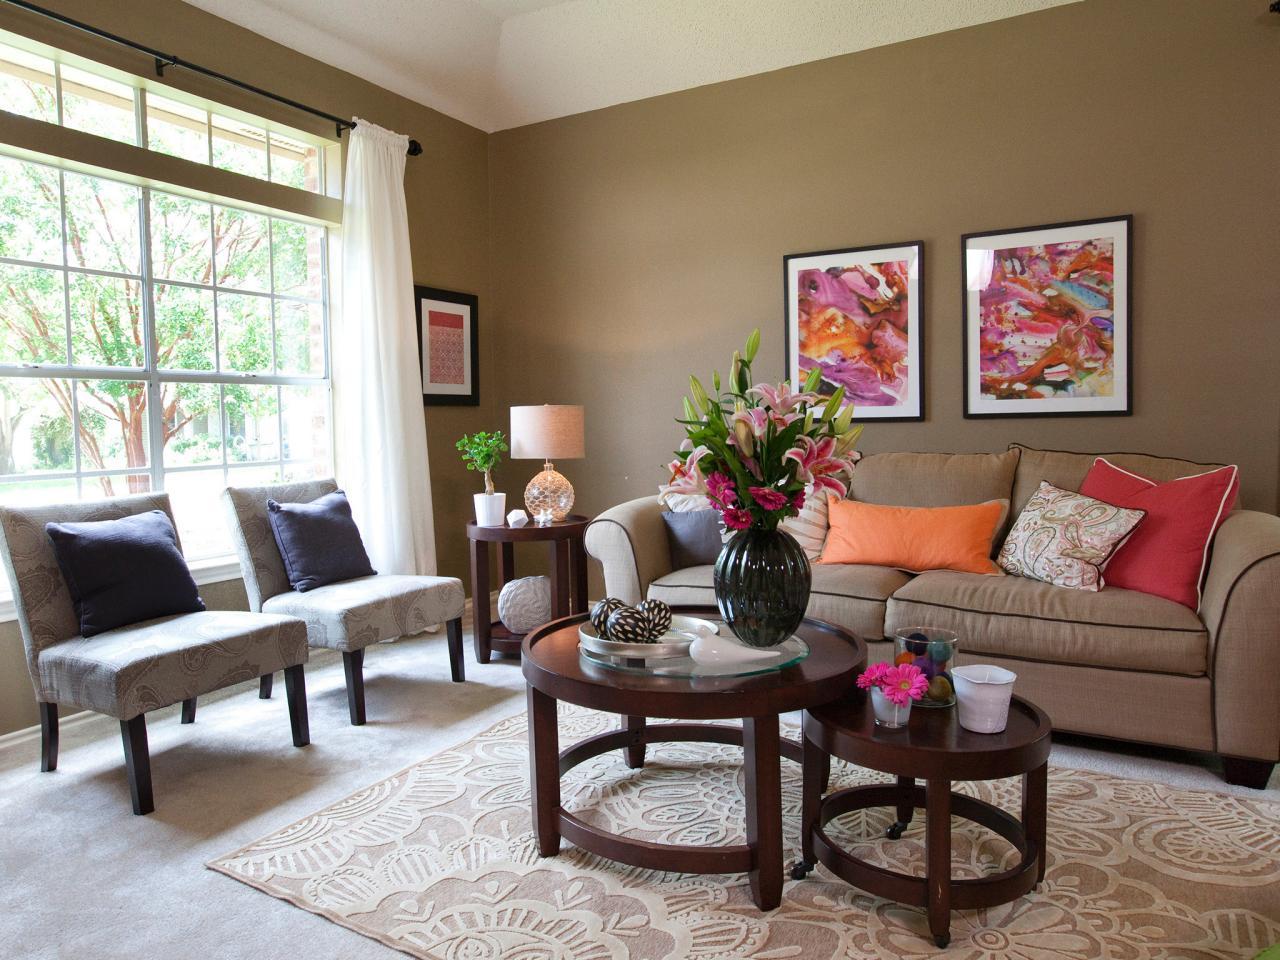 优雅休闲美式客厅 照片墙效果图